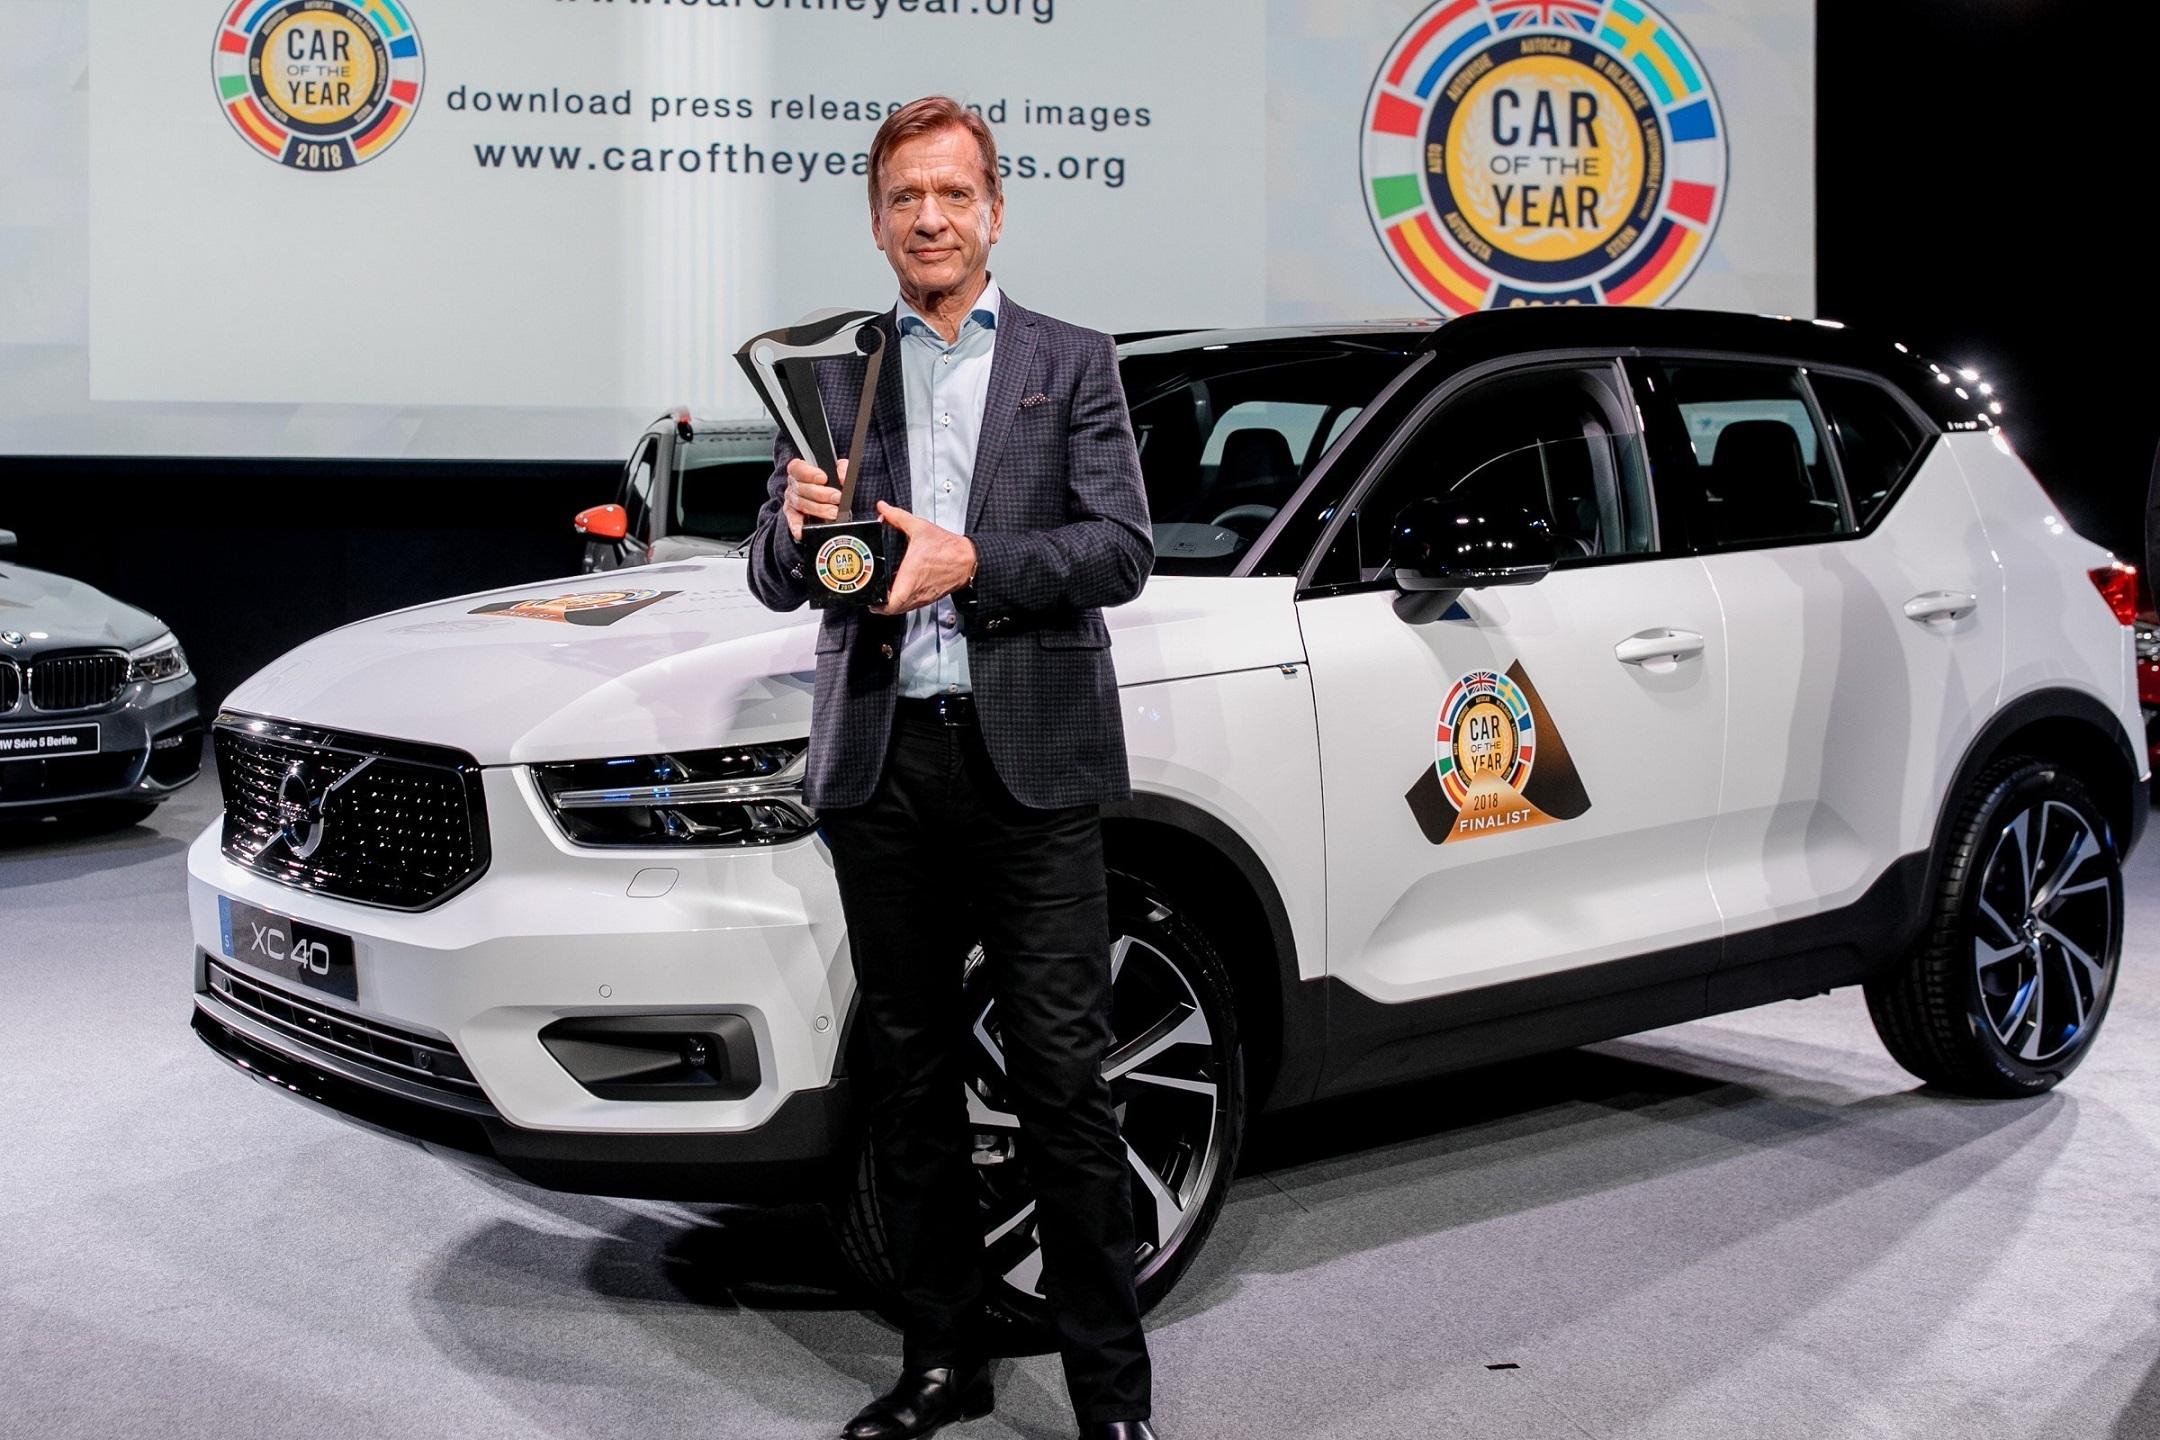 """""""H κατάκτηση του βραβείου από το νέο μας XC40 συμπίπτει με μια τέλεια χρονική συγκυρία"""", δήλωσε ο Χόκαν Σάμιουελσον (Håkan Samuelsson), Πρόεδρος και CEO της Volvo Cars. """"Σήμερα, για πρώτη φορά η Volvo διαθέτει τρία παγκόσμια SUV στην γκάμα της. Το XC40 θα δώσει ισχυρή επιπλέον ώθηση στην ανάπτυξή μας, βάζοντάς μας σε μία νέα, ταχύτατα αναπτυσσόμενη κατηγορία, αυτή των compact SUV"""".     Με την πρωτιά του XC40, ολόκληρη η γκάμα των παγκόσμιων SUV της Volvo έχει πλέον κερδίσει βραβείο Αυτοκινήτου της Χρονιάς είτε στην Ευρώπη είτε στη Βόρειο Αμερική. Υπενθυμίζουμε ότι το XC90 και το XC60 κέρδισαν τον τίτλο του North American Truck/Utility of the Year τα προηγούμενα δύο χρόνια.     Το XC40 θέτει νέα πρότυπα στην κατηγορία του από πλευράς σχεδιασμού, συνδεσιμότητας και τεχνολογιών ασφάλειας. Οι πρώτες παραγγελίες, που υπερβαίνουν τις 20.000 μονάδες στην Ευρώπη και την Αμερική, καταδεικνύουν ότι πρόκειται για ένα ιδιαίτερα ελκυστικό «πακέτο» για τους πελάτες.     Το XC40 είναι το πρώτο μοντέλο της Volvo που βασίζεται στη νέα πλατφόρμα CMA (Compact Modular Architecture), στην οποία θα βασιστούν και όλες οι επερχόμενες εκδόσεις της σειράς 40, συμπεριλαμβανομένων των πλήρως ηλεκτροκίνητων οχημάτων.  Το XC40 είναι επίσης το πρώτο Volvo που προσφέρει τη δυνατότητα car-sharing, μέσω της τεχνολογίας ψηφιακού κλειδιού της Volvo και της πλατφόρμας της για υπηρεσίες διασύνδεσης Volvo On Call. Οι ιδιοκτήτες του XC40 μπορούν να μοιραστούν το αυτοκίνητό τους με την οικογένεια και τους φίλους τους χωρίς να χρειάζεται να τους αφήσουν ένα φυσικό κλειδί.     Τα χαρακτηριστικά ασφαλείας και υποστήριξης οδηγού στο XC40 συμπεριλαμβάνουν το σύστημα ημι-αυτόνομης οδήγησης Pilot Assist, το σύστημα αποφυγής συγκρούσεων City Safety, το σύστημα αποφυγής εκτροπής από το δρόμο Run-Off Road Mitigation, το Cross Traffic Alert με αυτόματο φρενάρισμα και την κάμερα 360° που βοηθά τους οδηγούς να ελιχθούν σε μικρούς χώρους στάθμευσης.     Το XC40 προσφέρει επίσης ευφυείς λύσεις στην εσωτερική σχεδίαση και"""